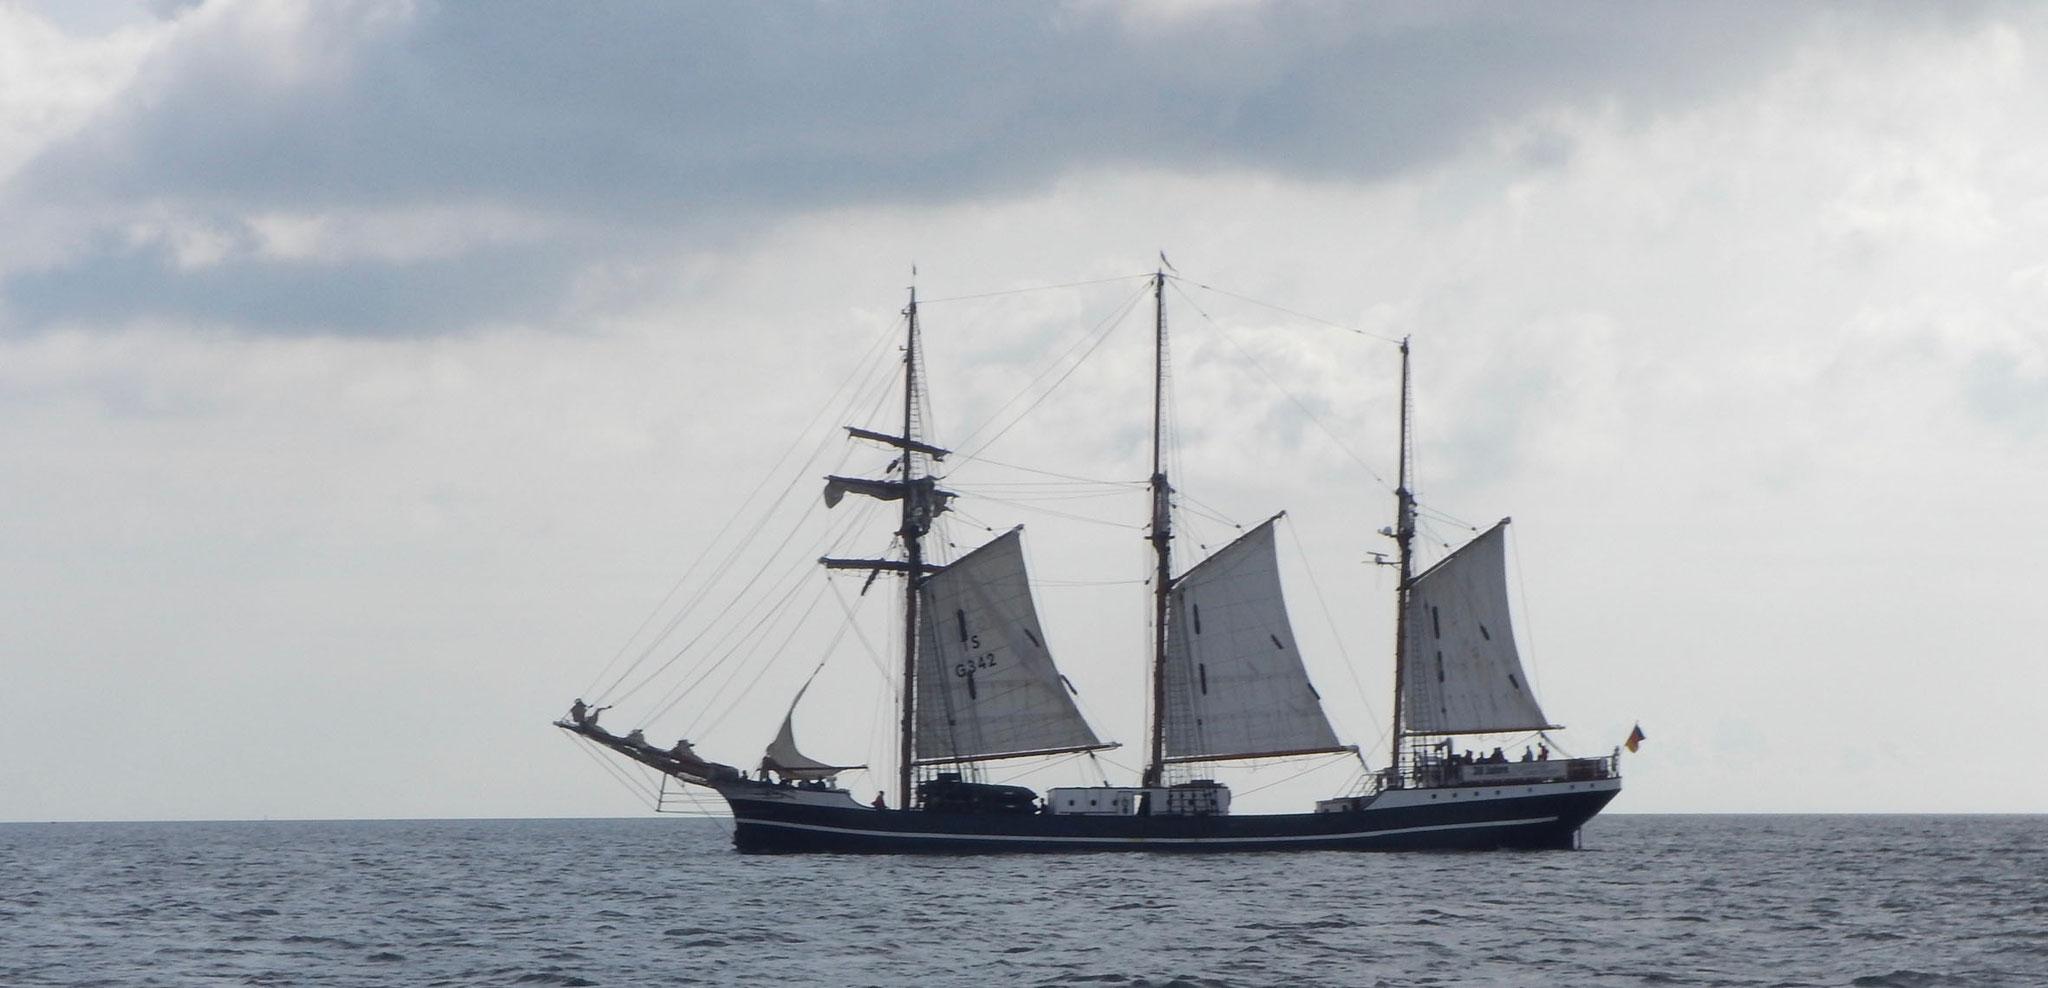 Traditionssegler auf der Kieler Bucht